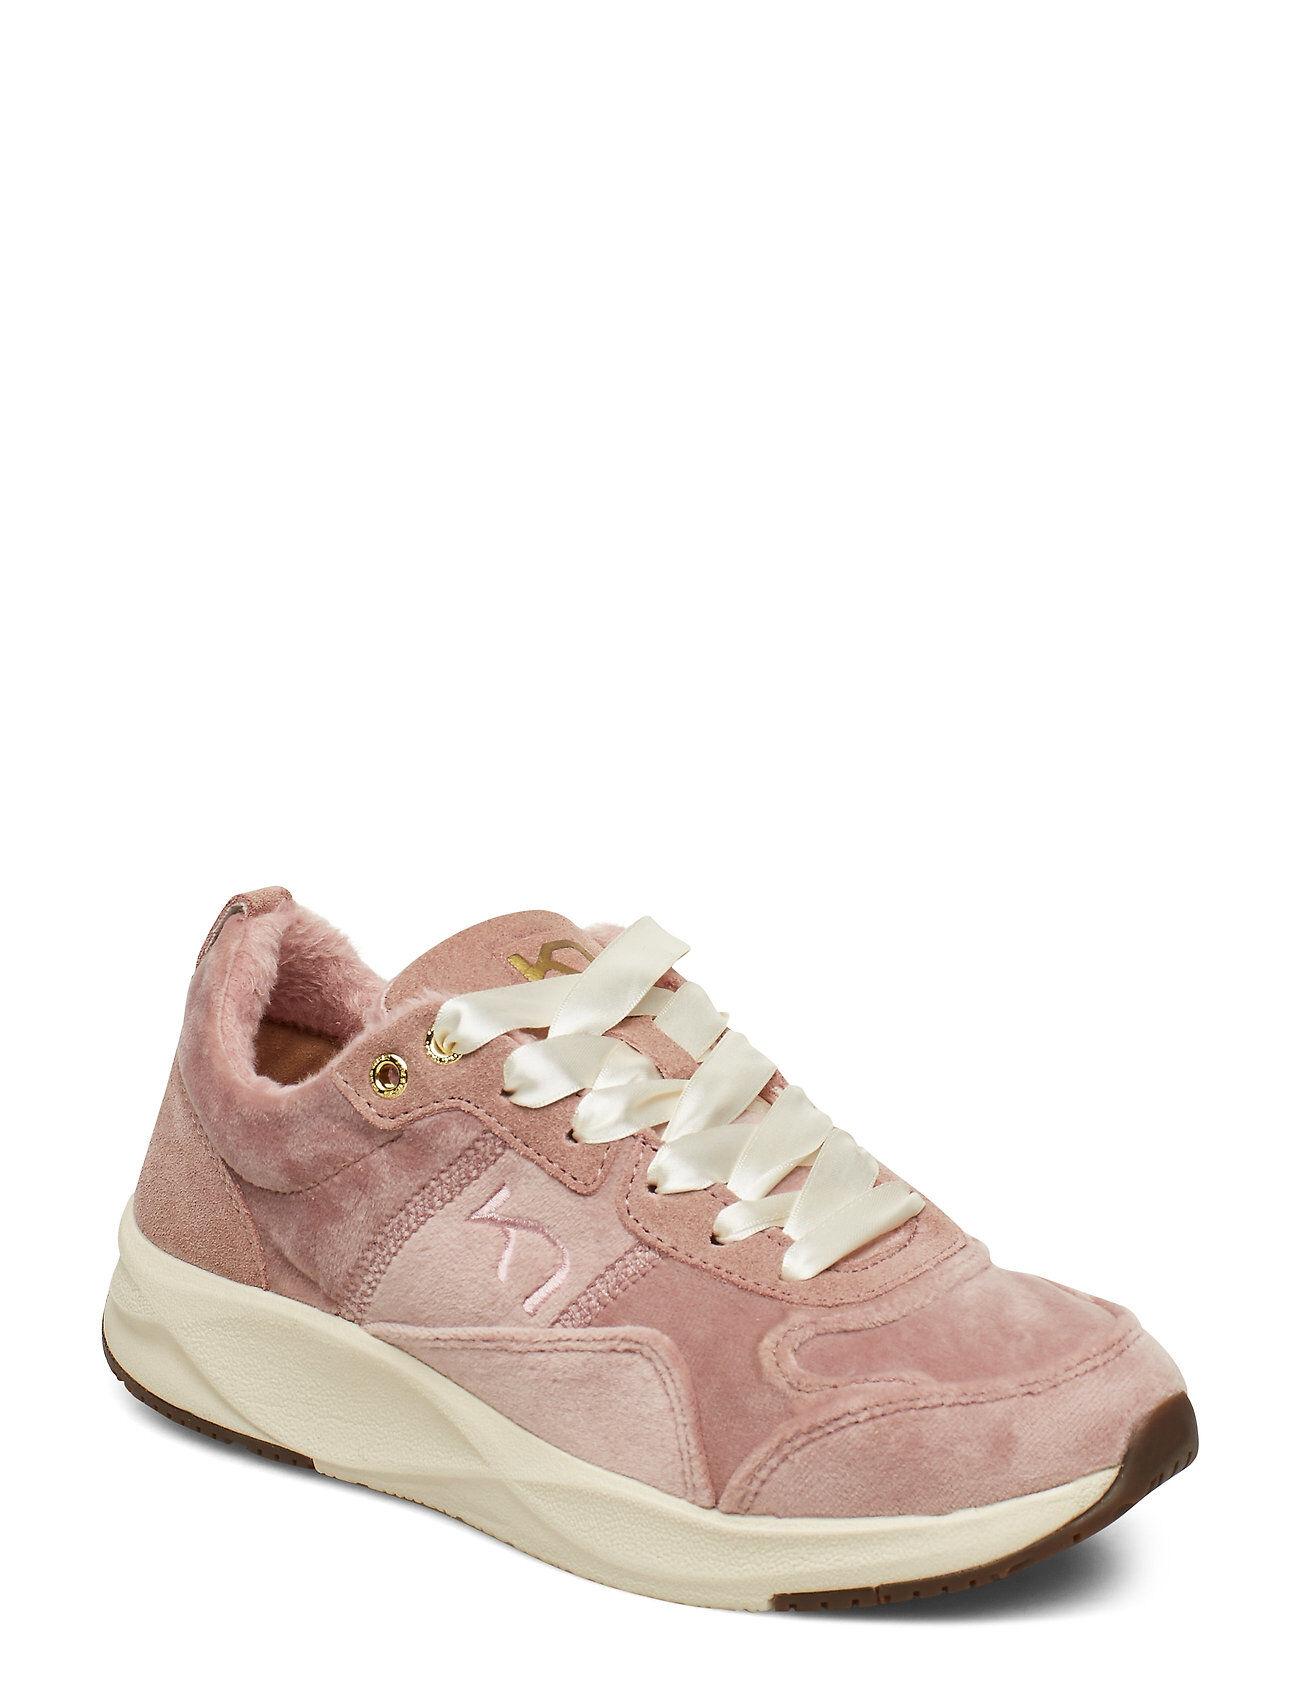 Kari Traa Trinn Vt Matalavartiset Sneakerit Tennarit Vaaleanpunainen